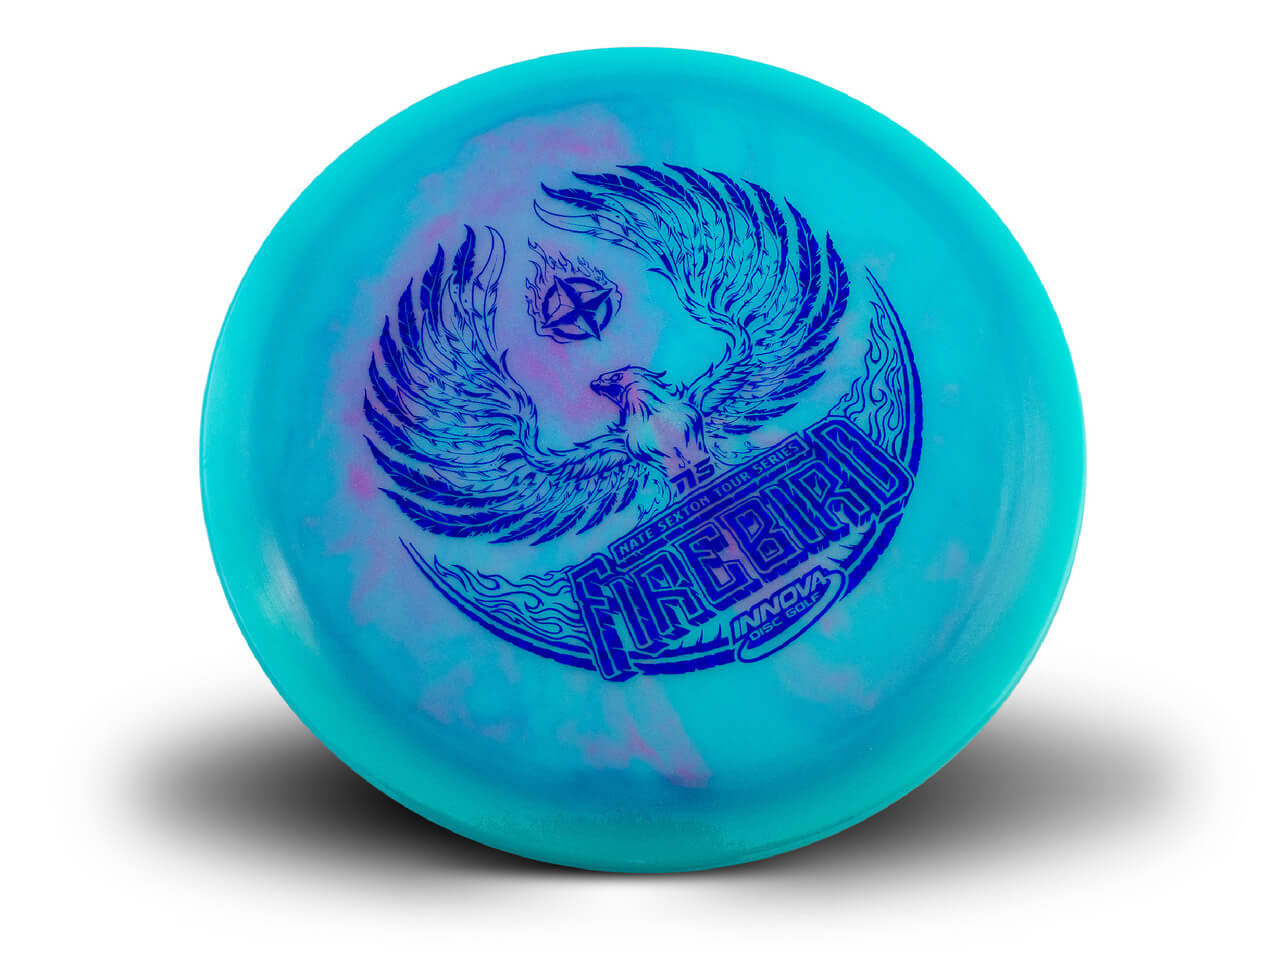 Innova Champion Color Glow Firebird 2021 Nate Sexton Tour Series